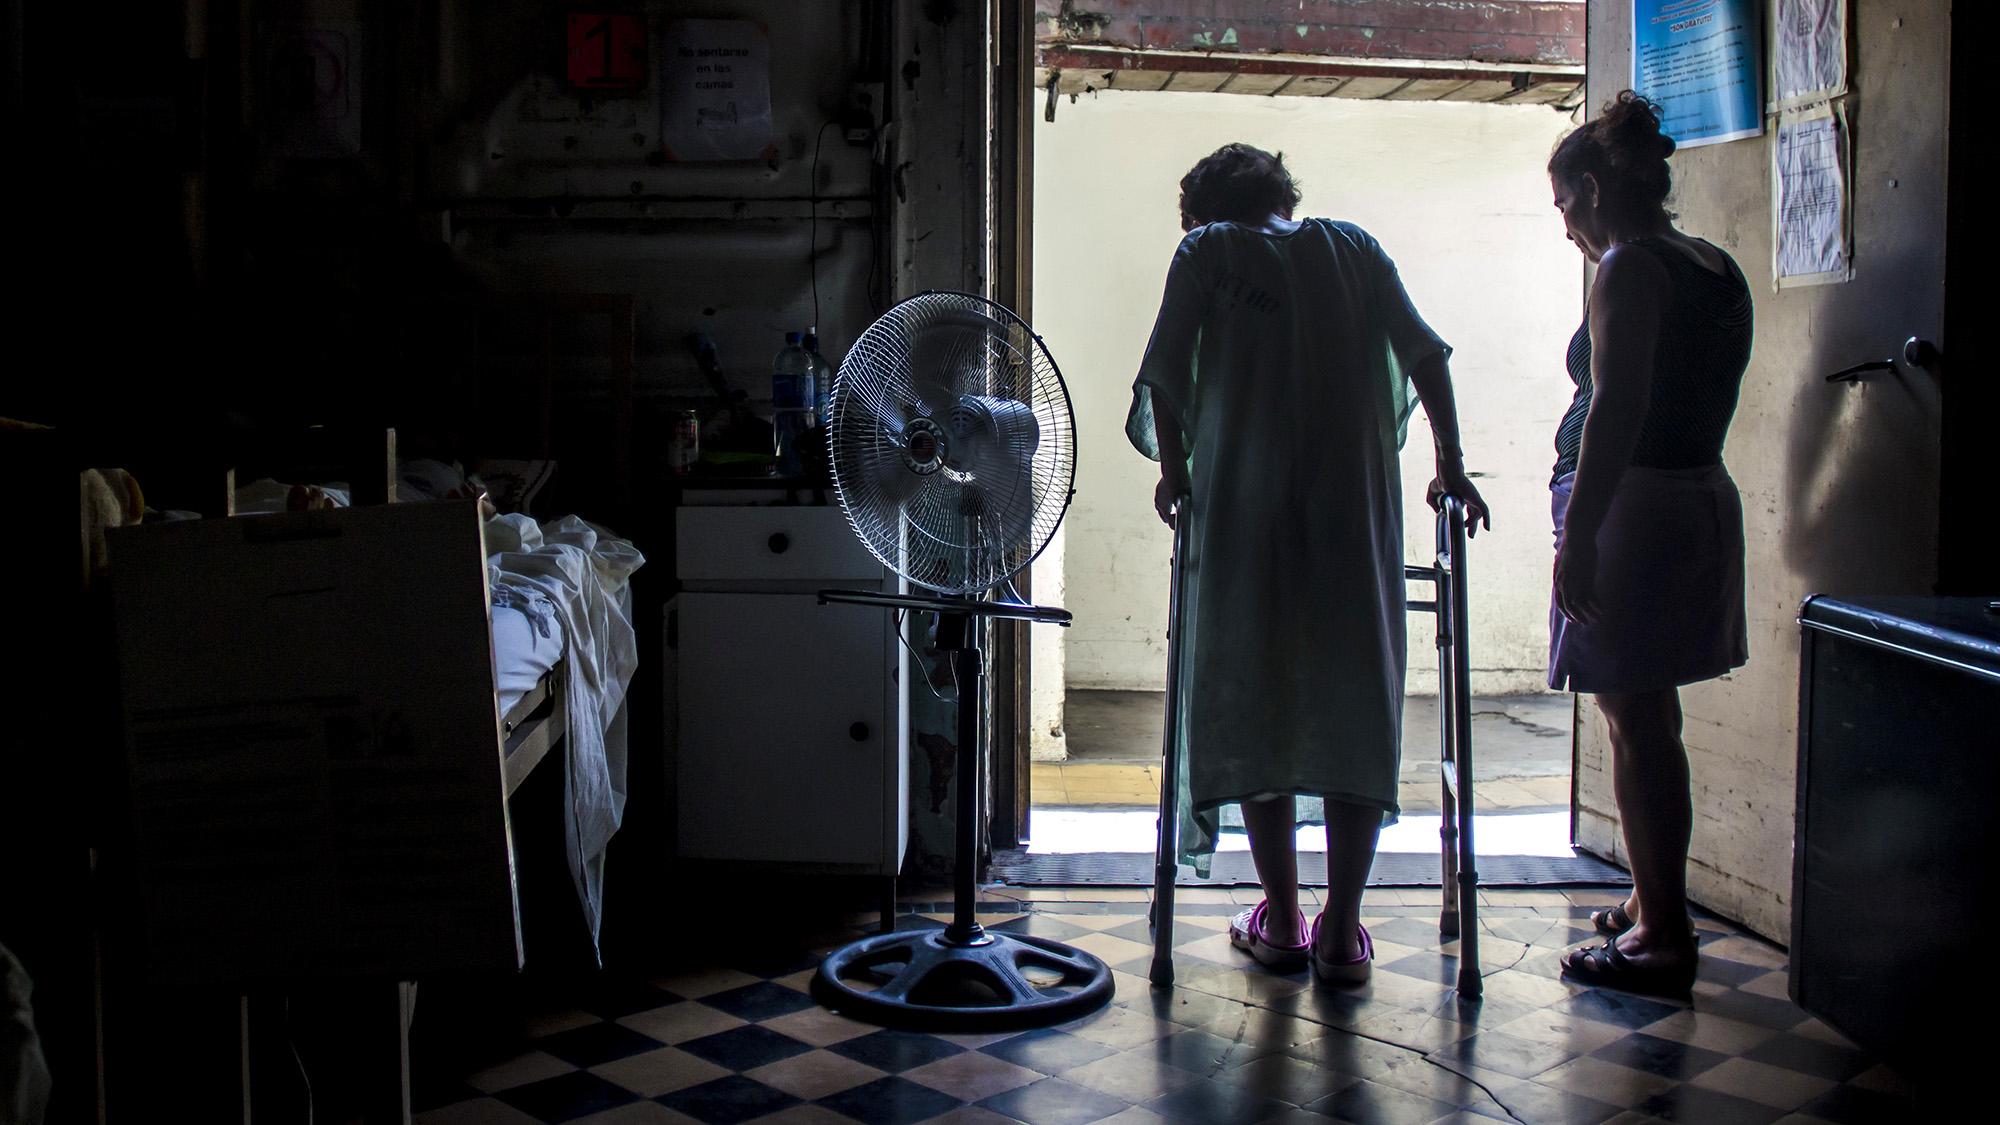 Historia de supervivencia de la salvadoreña Yolanda Henríquez, que fue víctima del ataque a machetazos por parte de su marido.